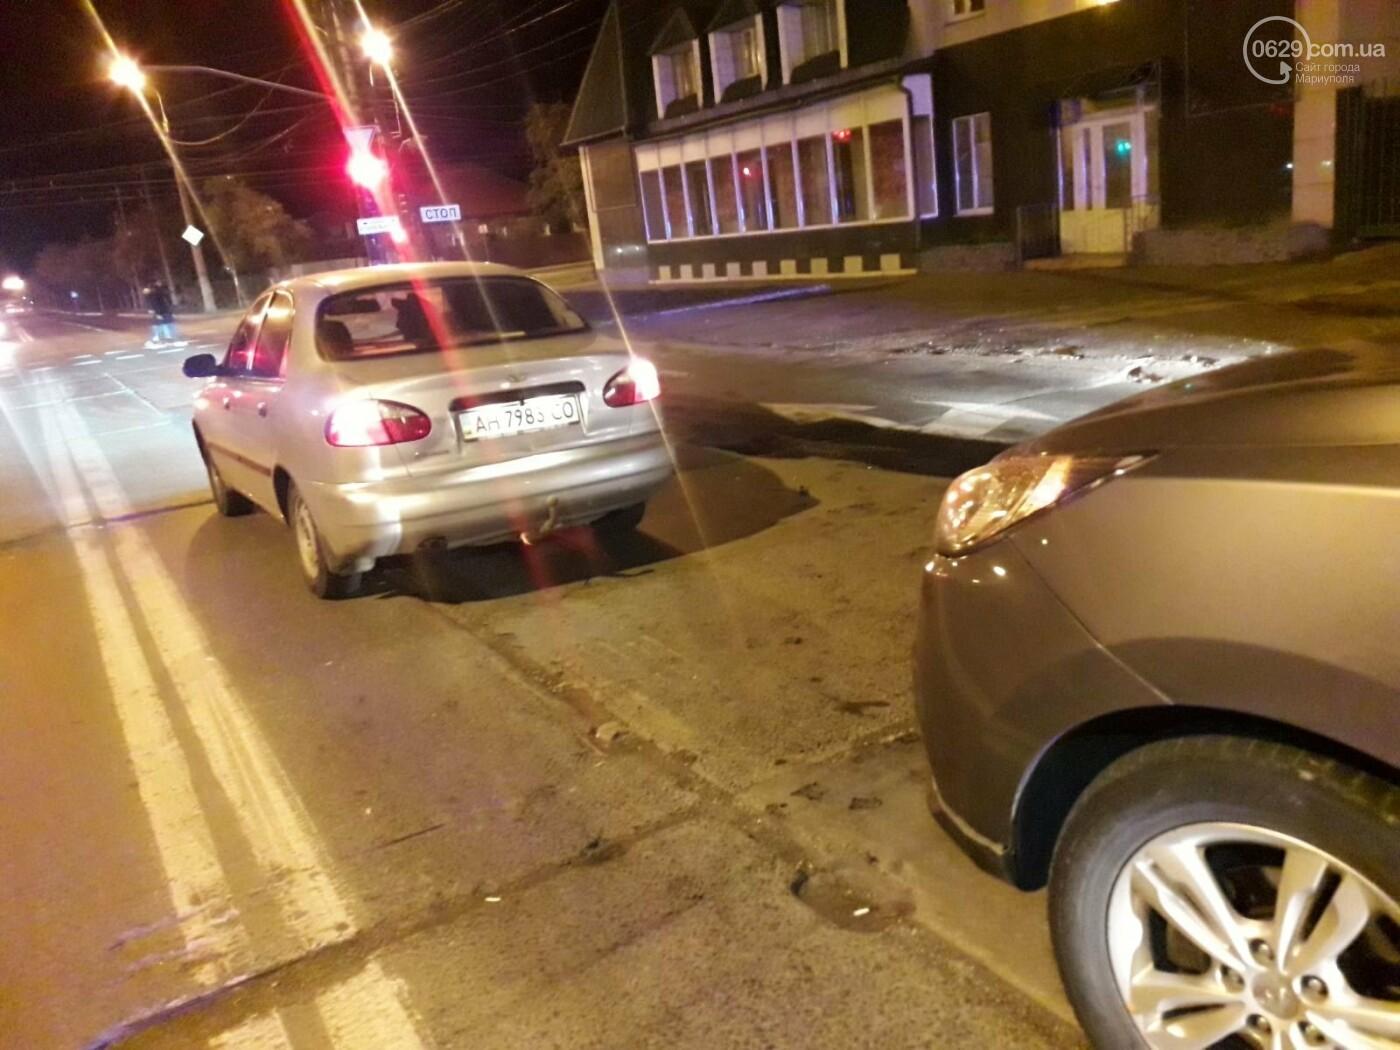 """Тройное ДТП в Мариуполе. Пьяный на """"КИА"""" протаранил два автомобиля, - ФОТО, фото-1"""